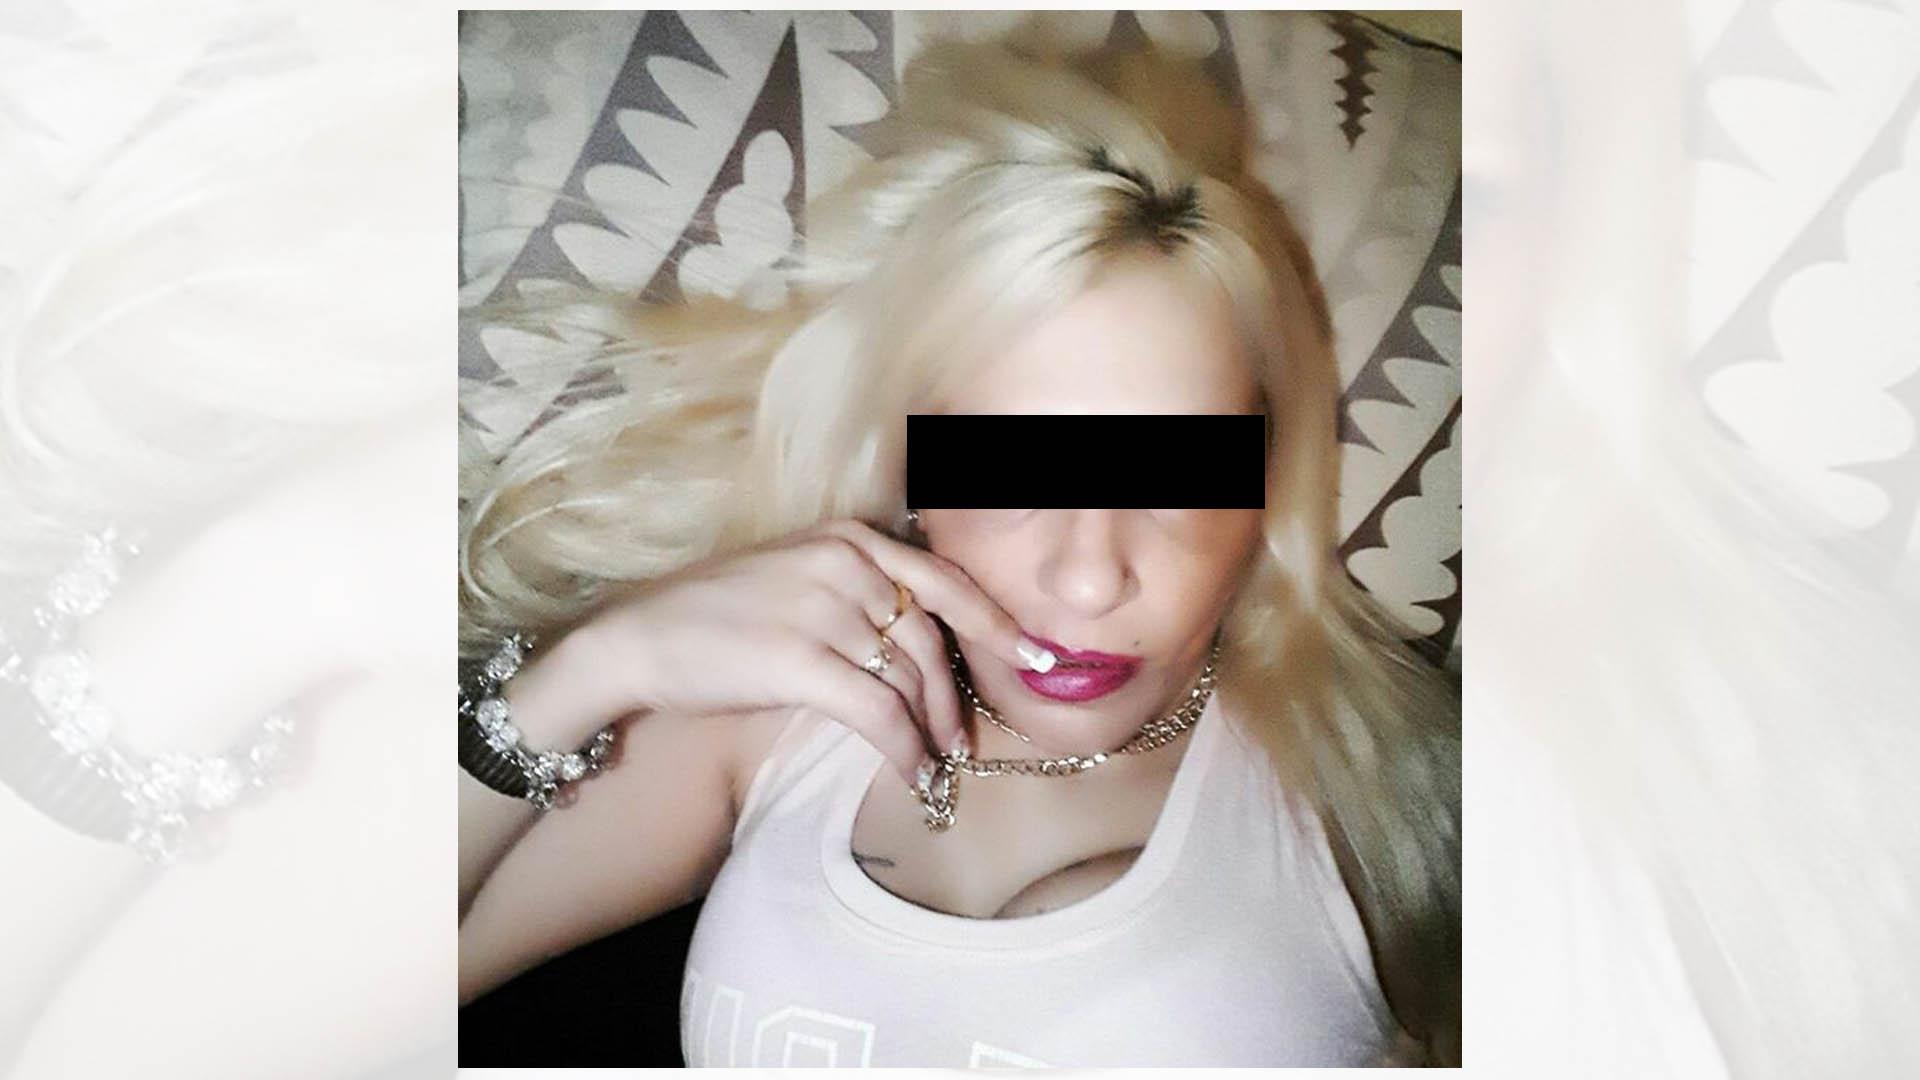 Cocaina Y Prostitutas El Combo Para Los Clientes De La Madrina